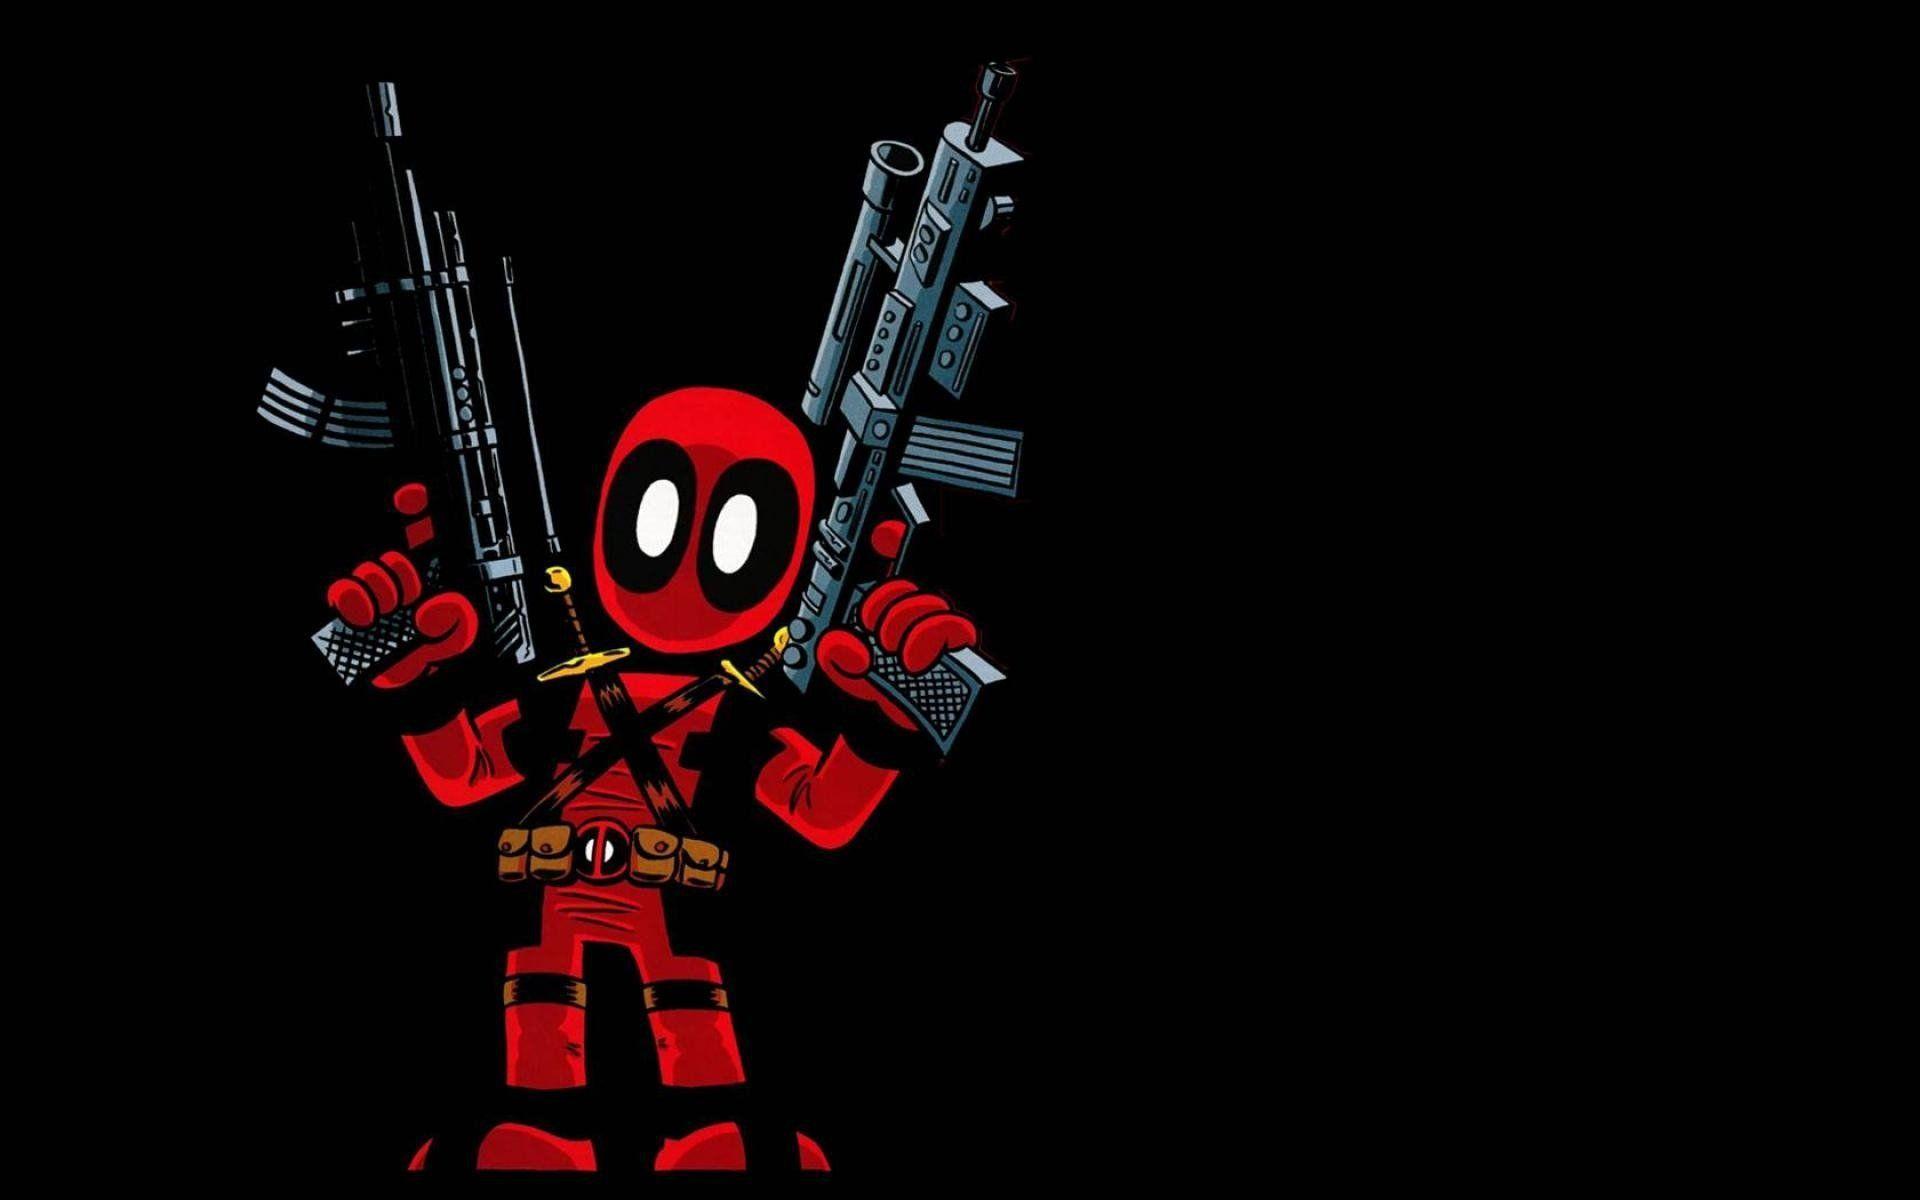 Cartoon Deadpool Wallpapers Top Free Cartoon Deadpool Backgrounds Wallpaperaccess